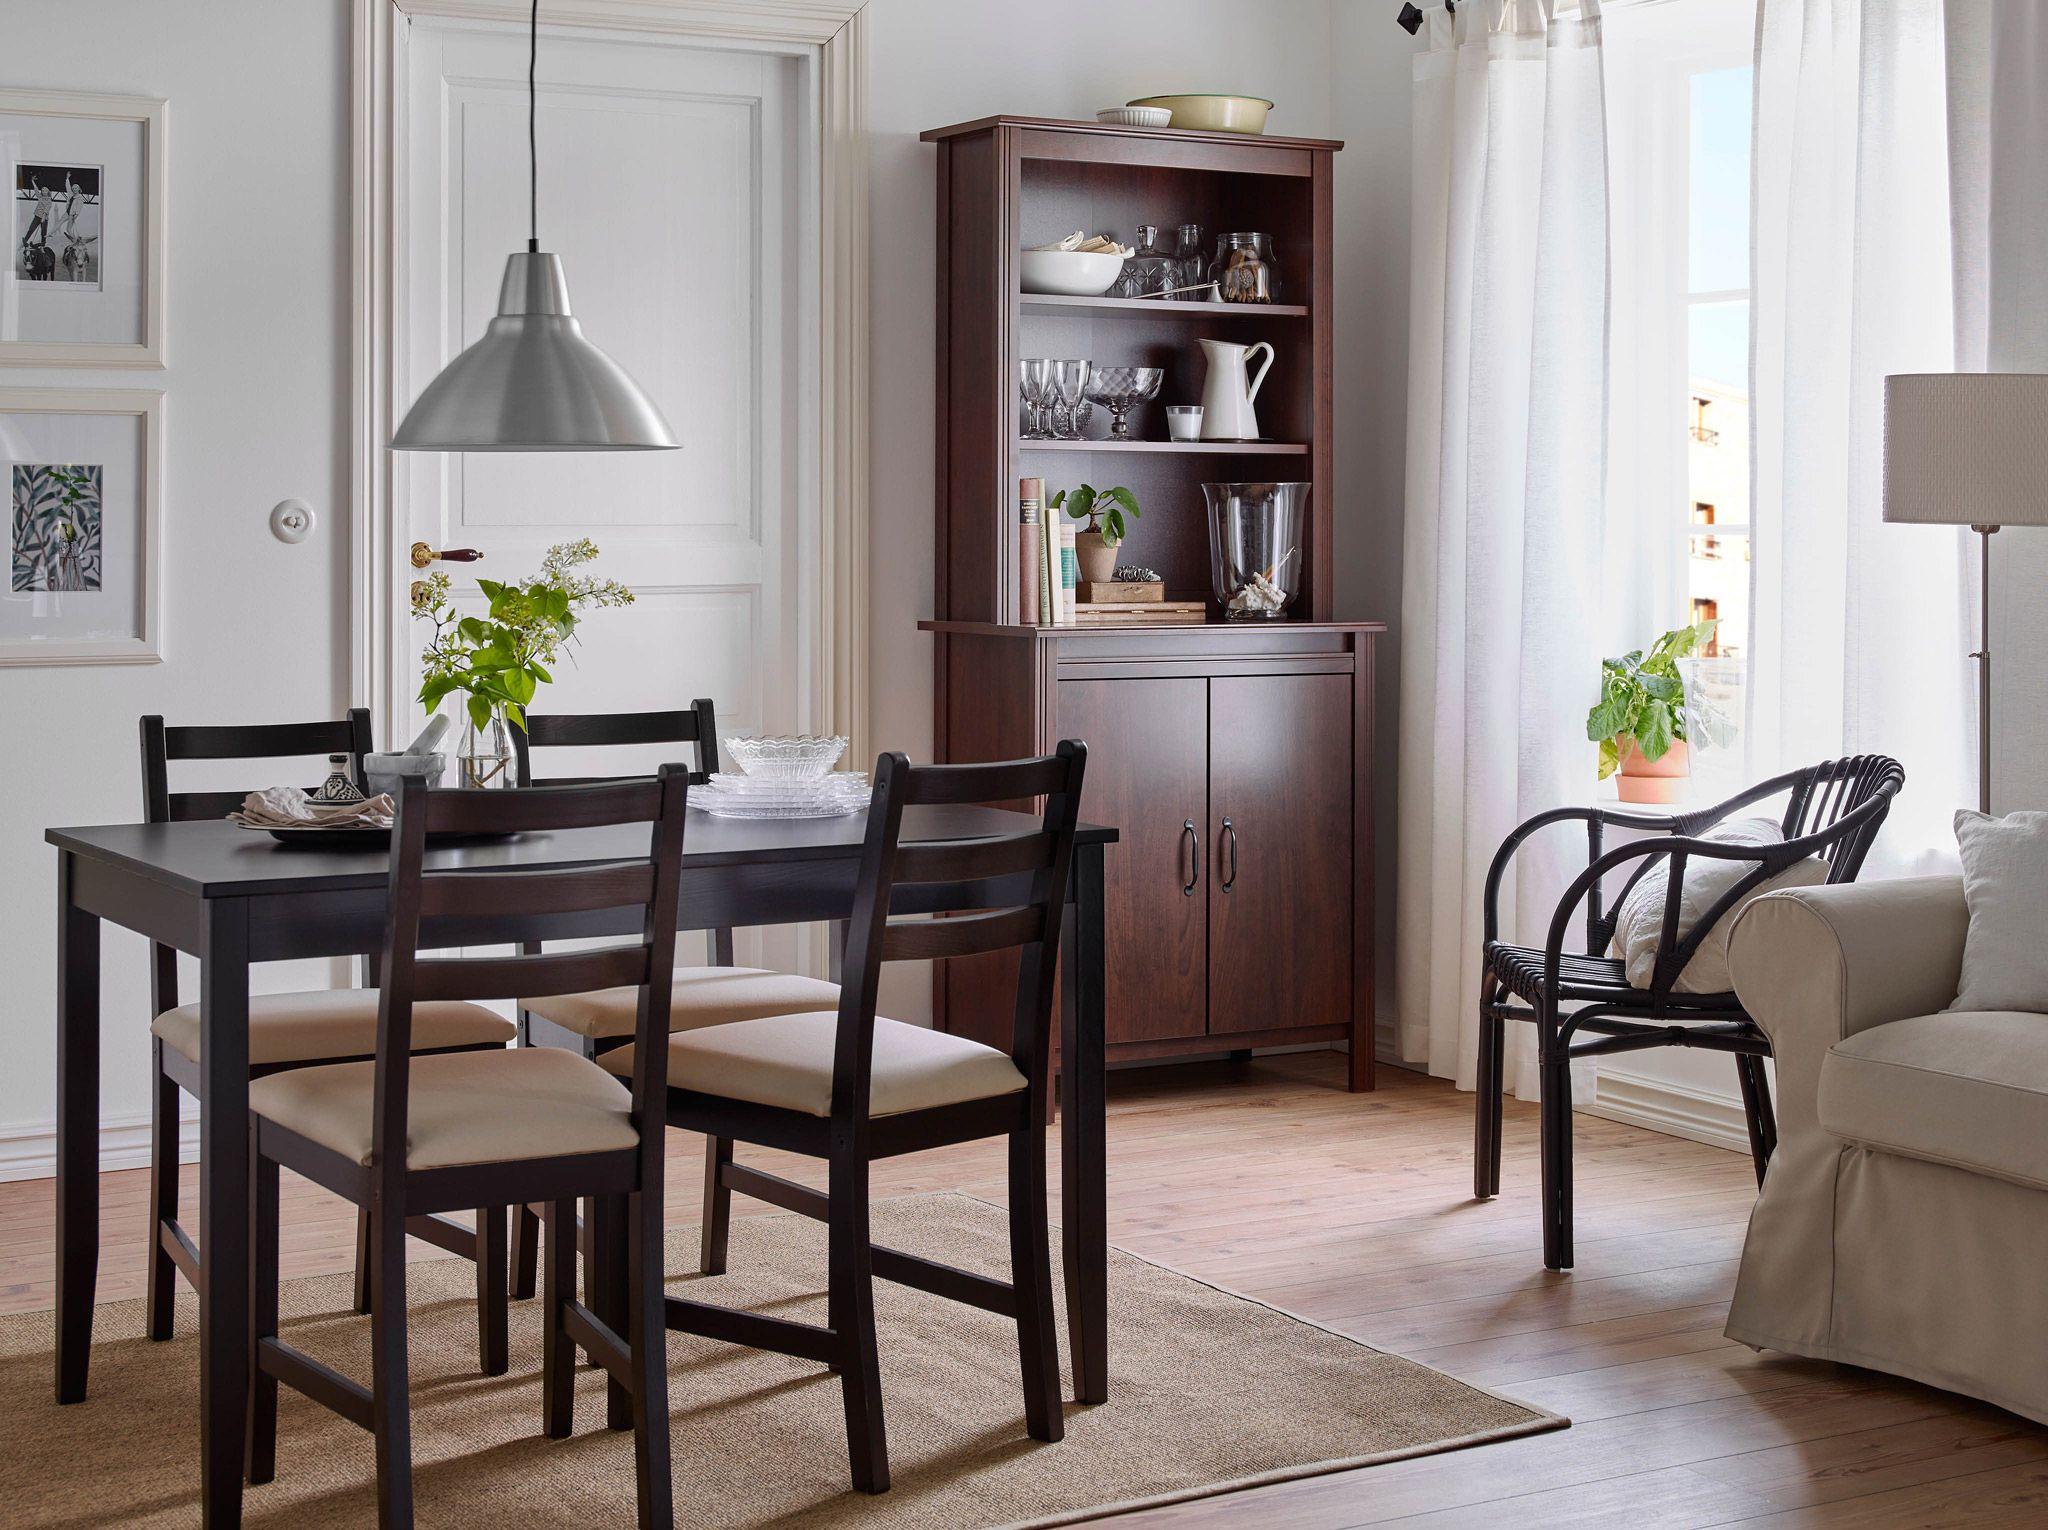 Quadrat Esstisch Für 8 6 Stuhl Esstisch Esszimmer Tisch